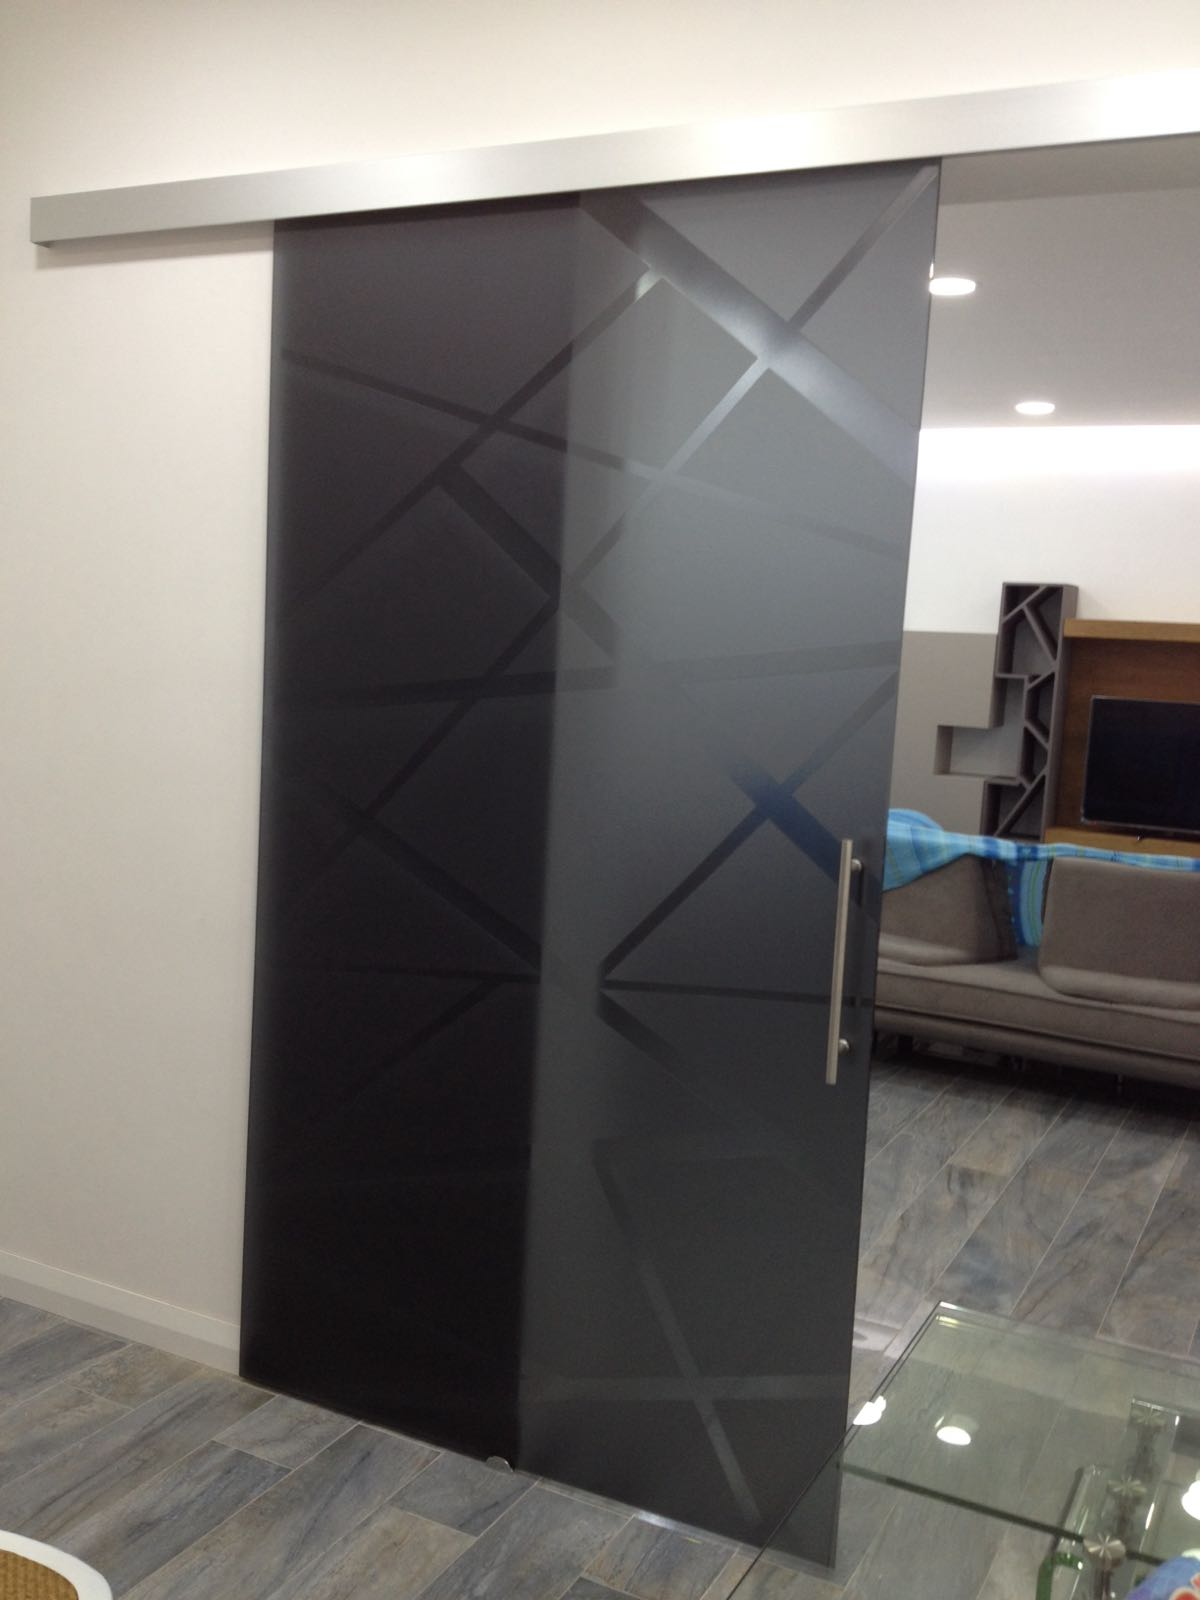 Porta Scorrevole In Vetro A Napoli.Porte In Vetro Napoli Vm Art Design Glass Porte In Vetro E